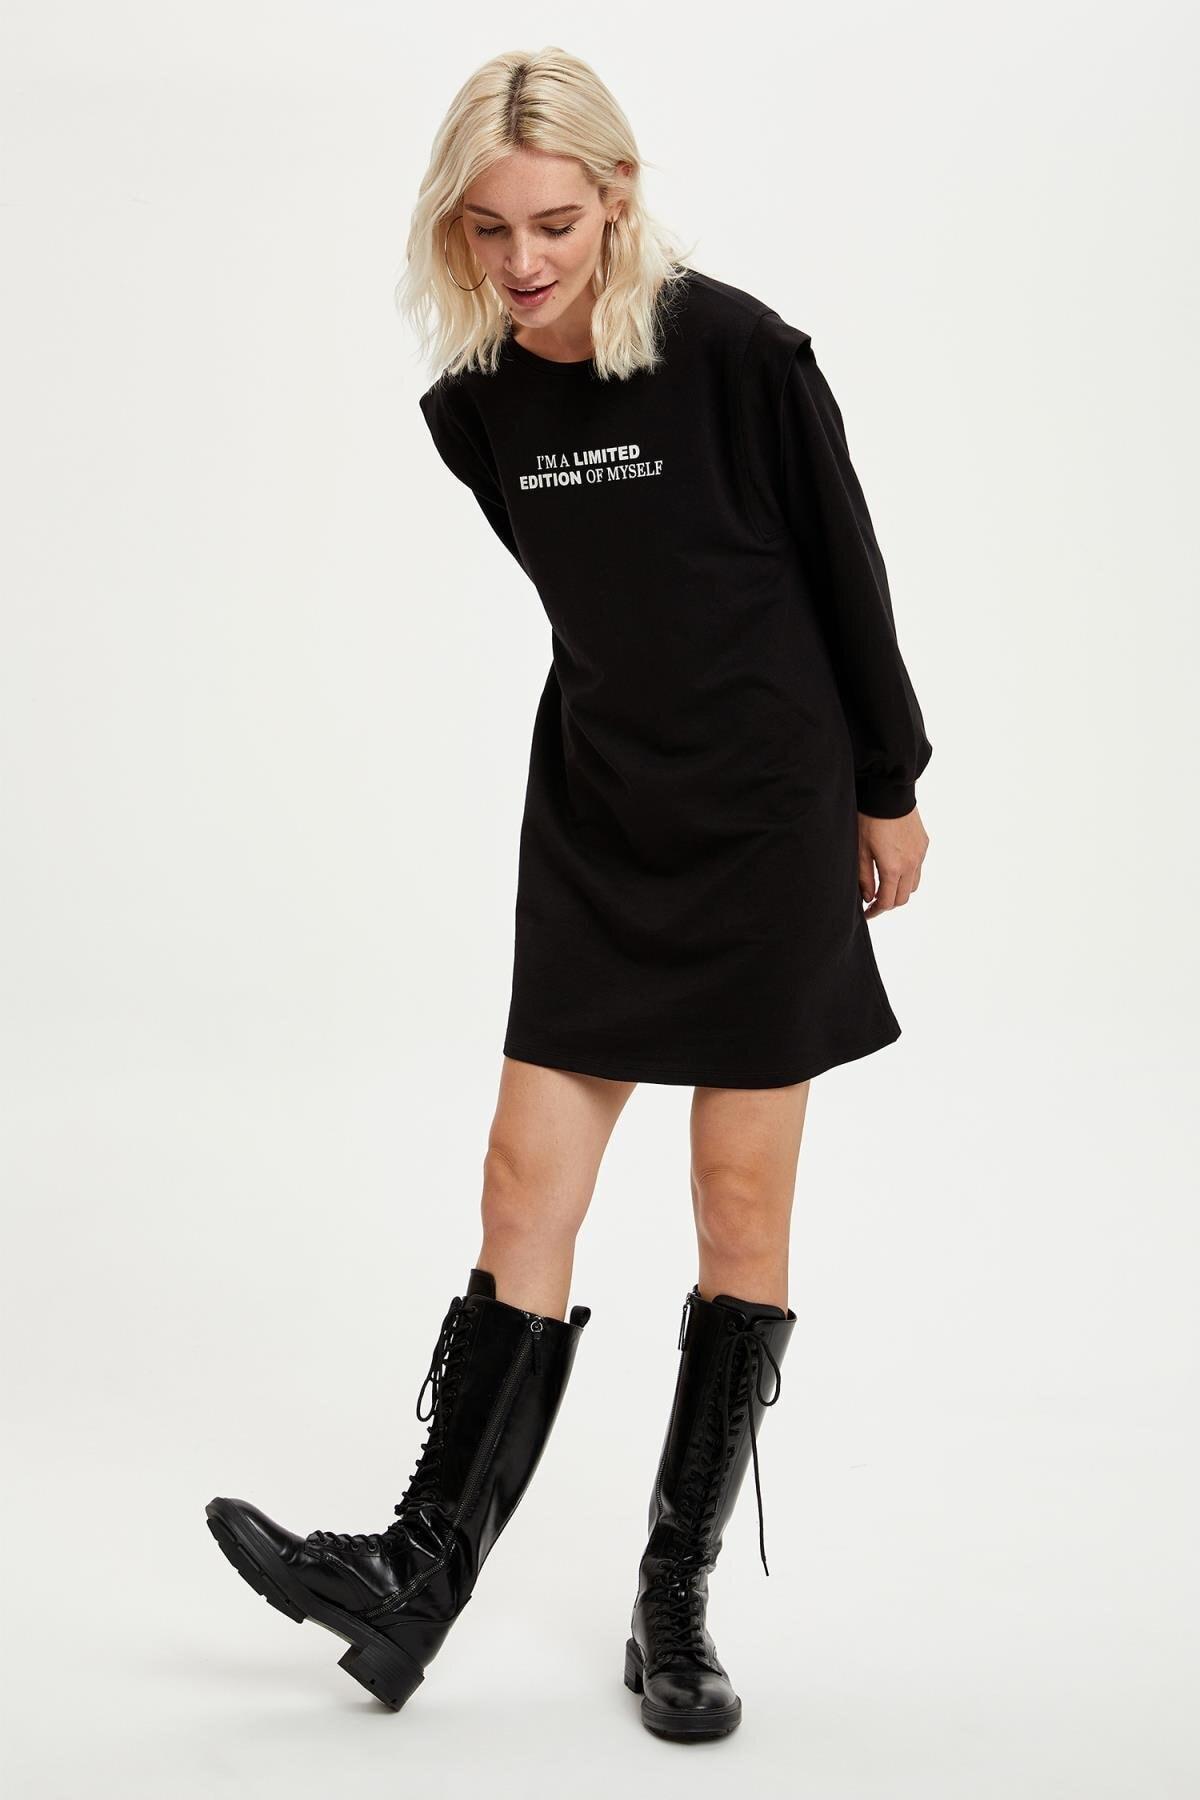 DeFacto Kadın Black Red Slogan Baskılı Tunik Sweatshirt S3637AZ20AU